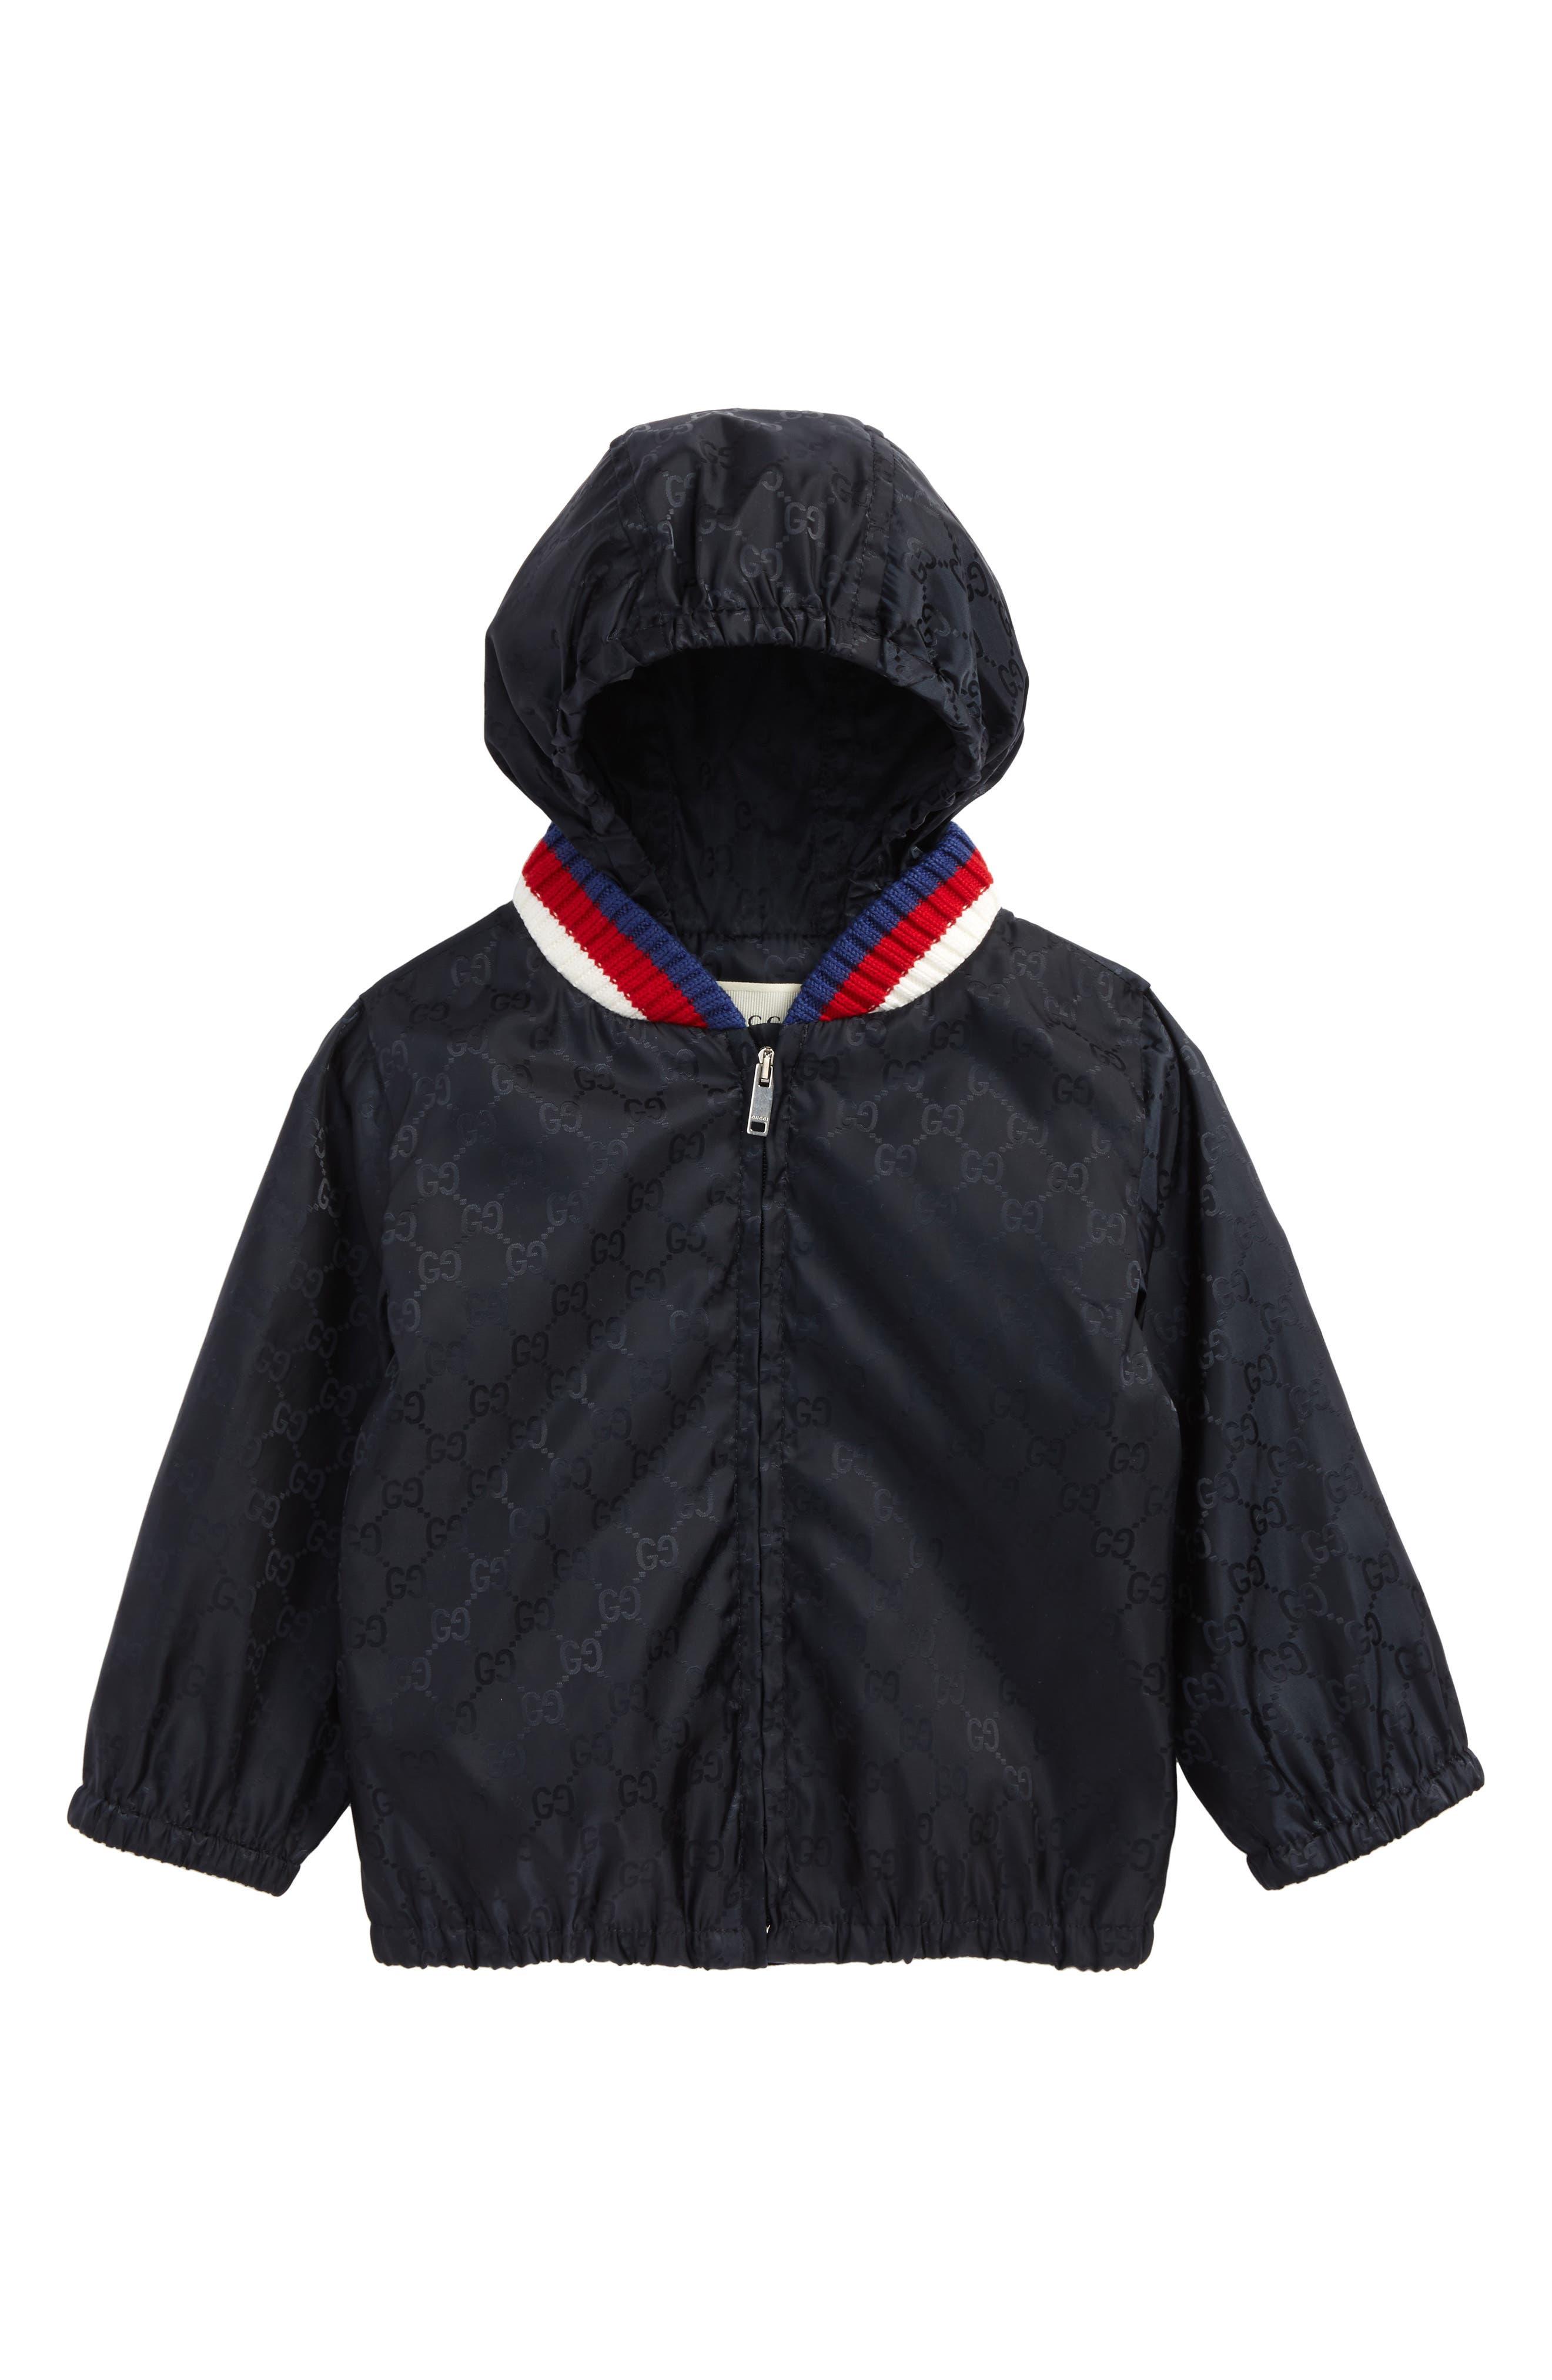 Main Image - Gucci GG Logo Jacquard Hooded Rain Jacket (Baby)